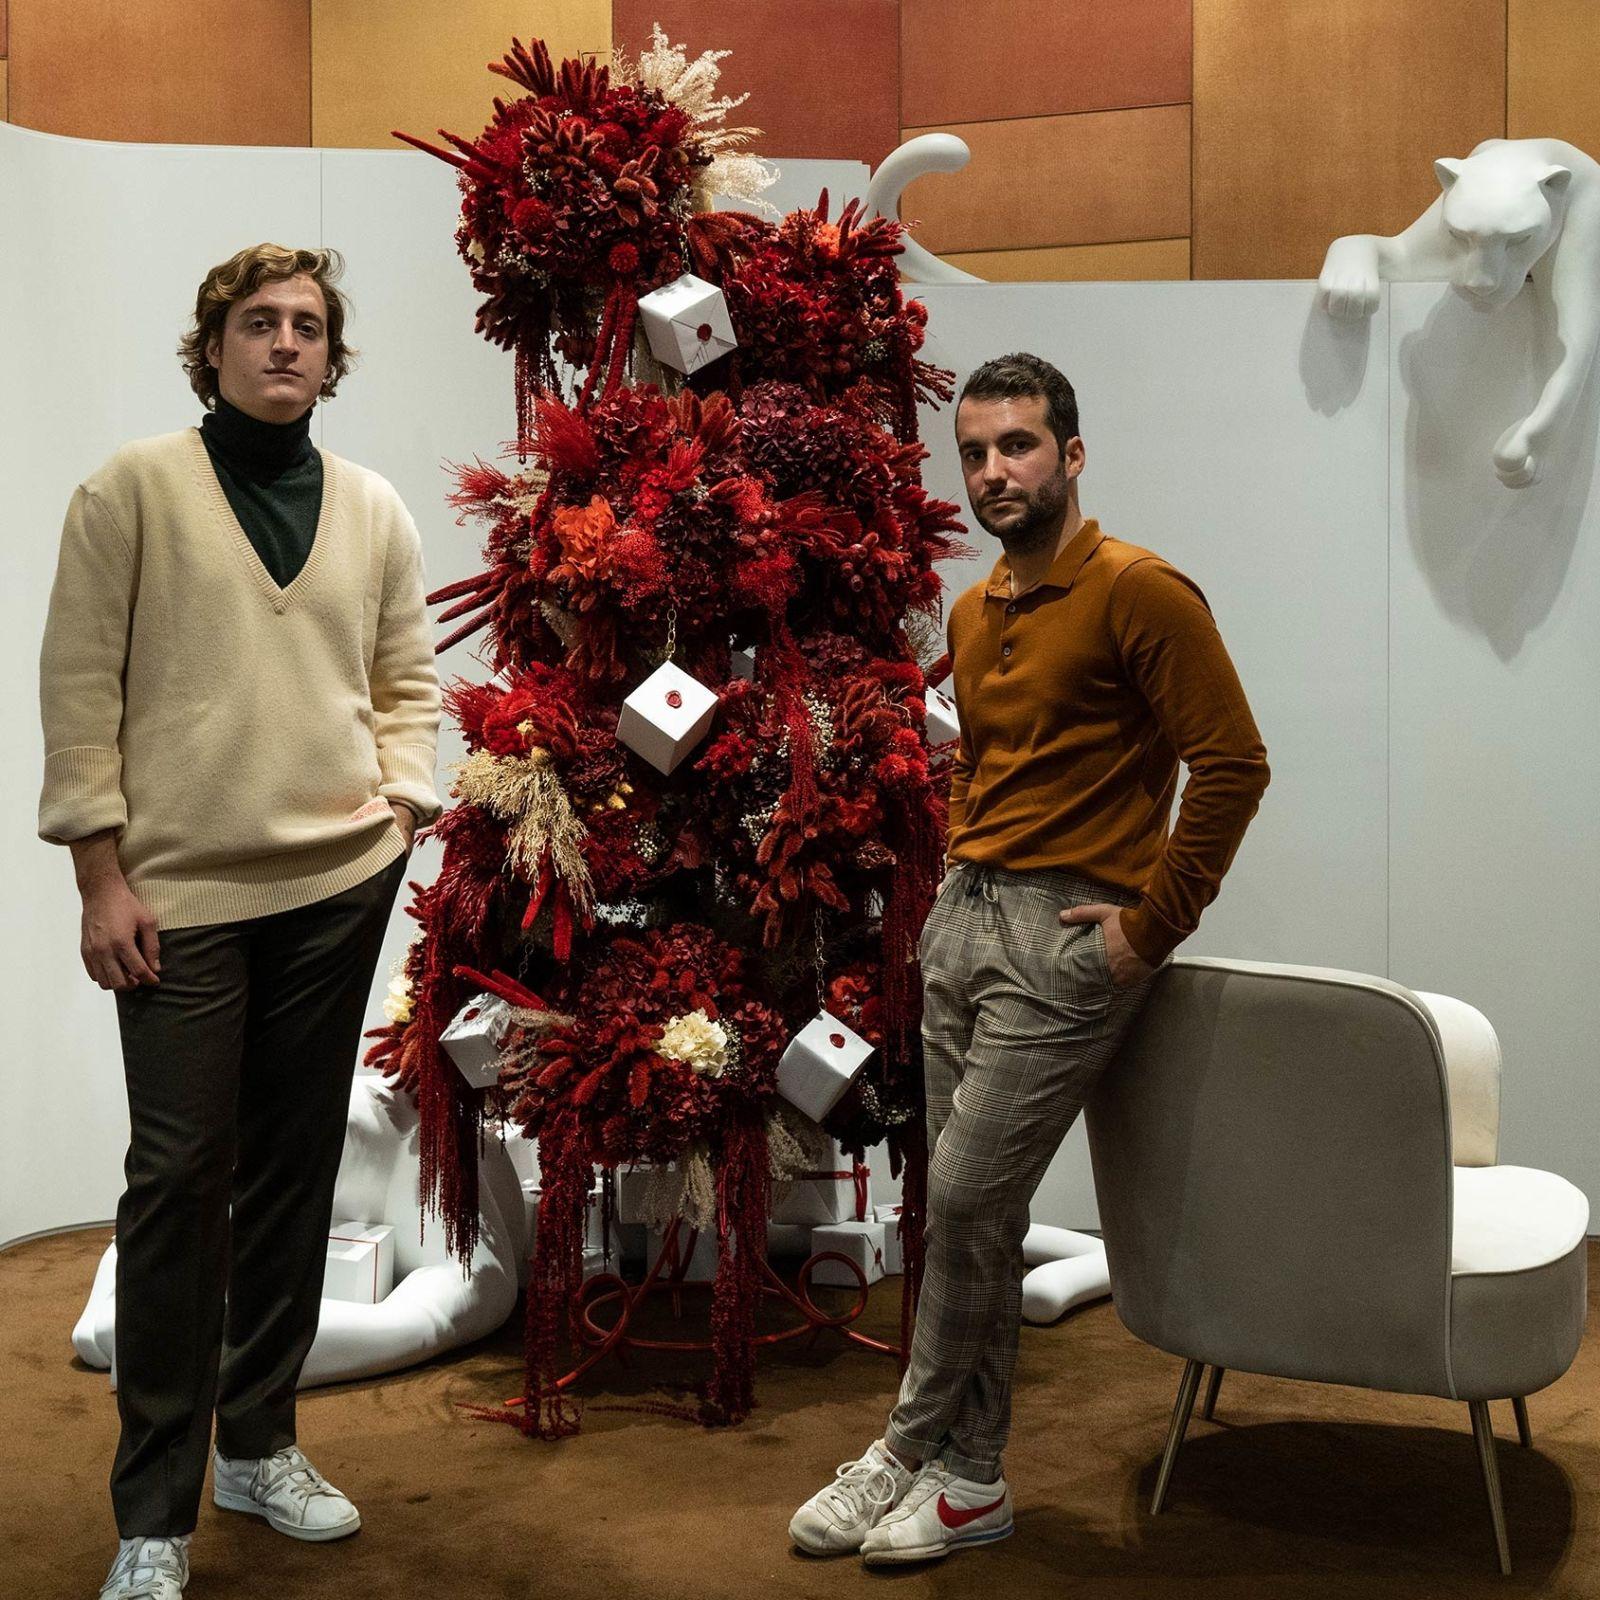 Un árbol de Navidad a lo Cartier: rojo intenso y lujo art decó